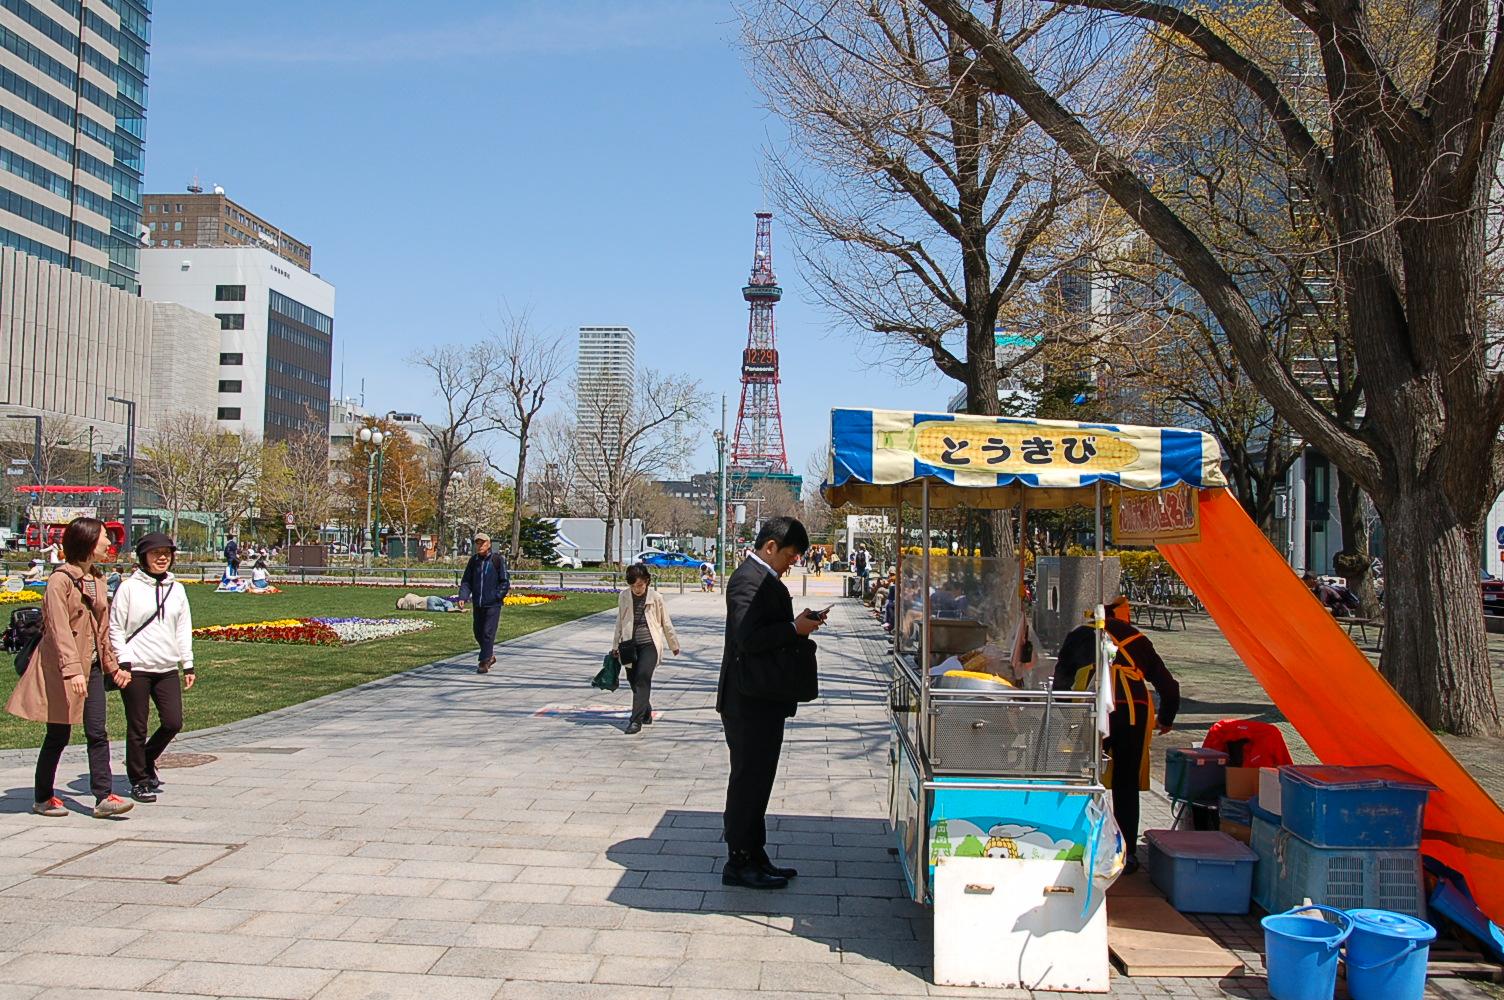 札幌ではようやく春本番!サクラが見ごろを迎えています